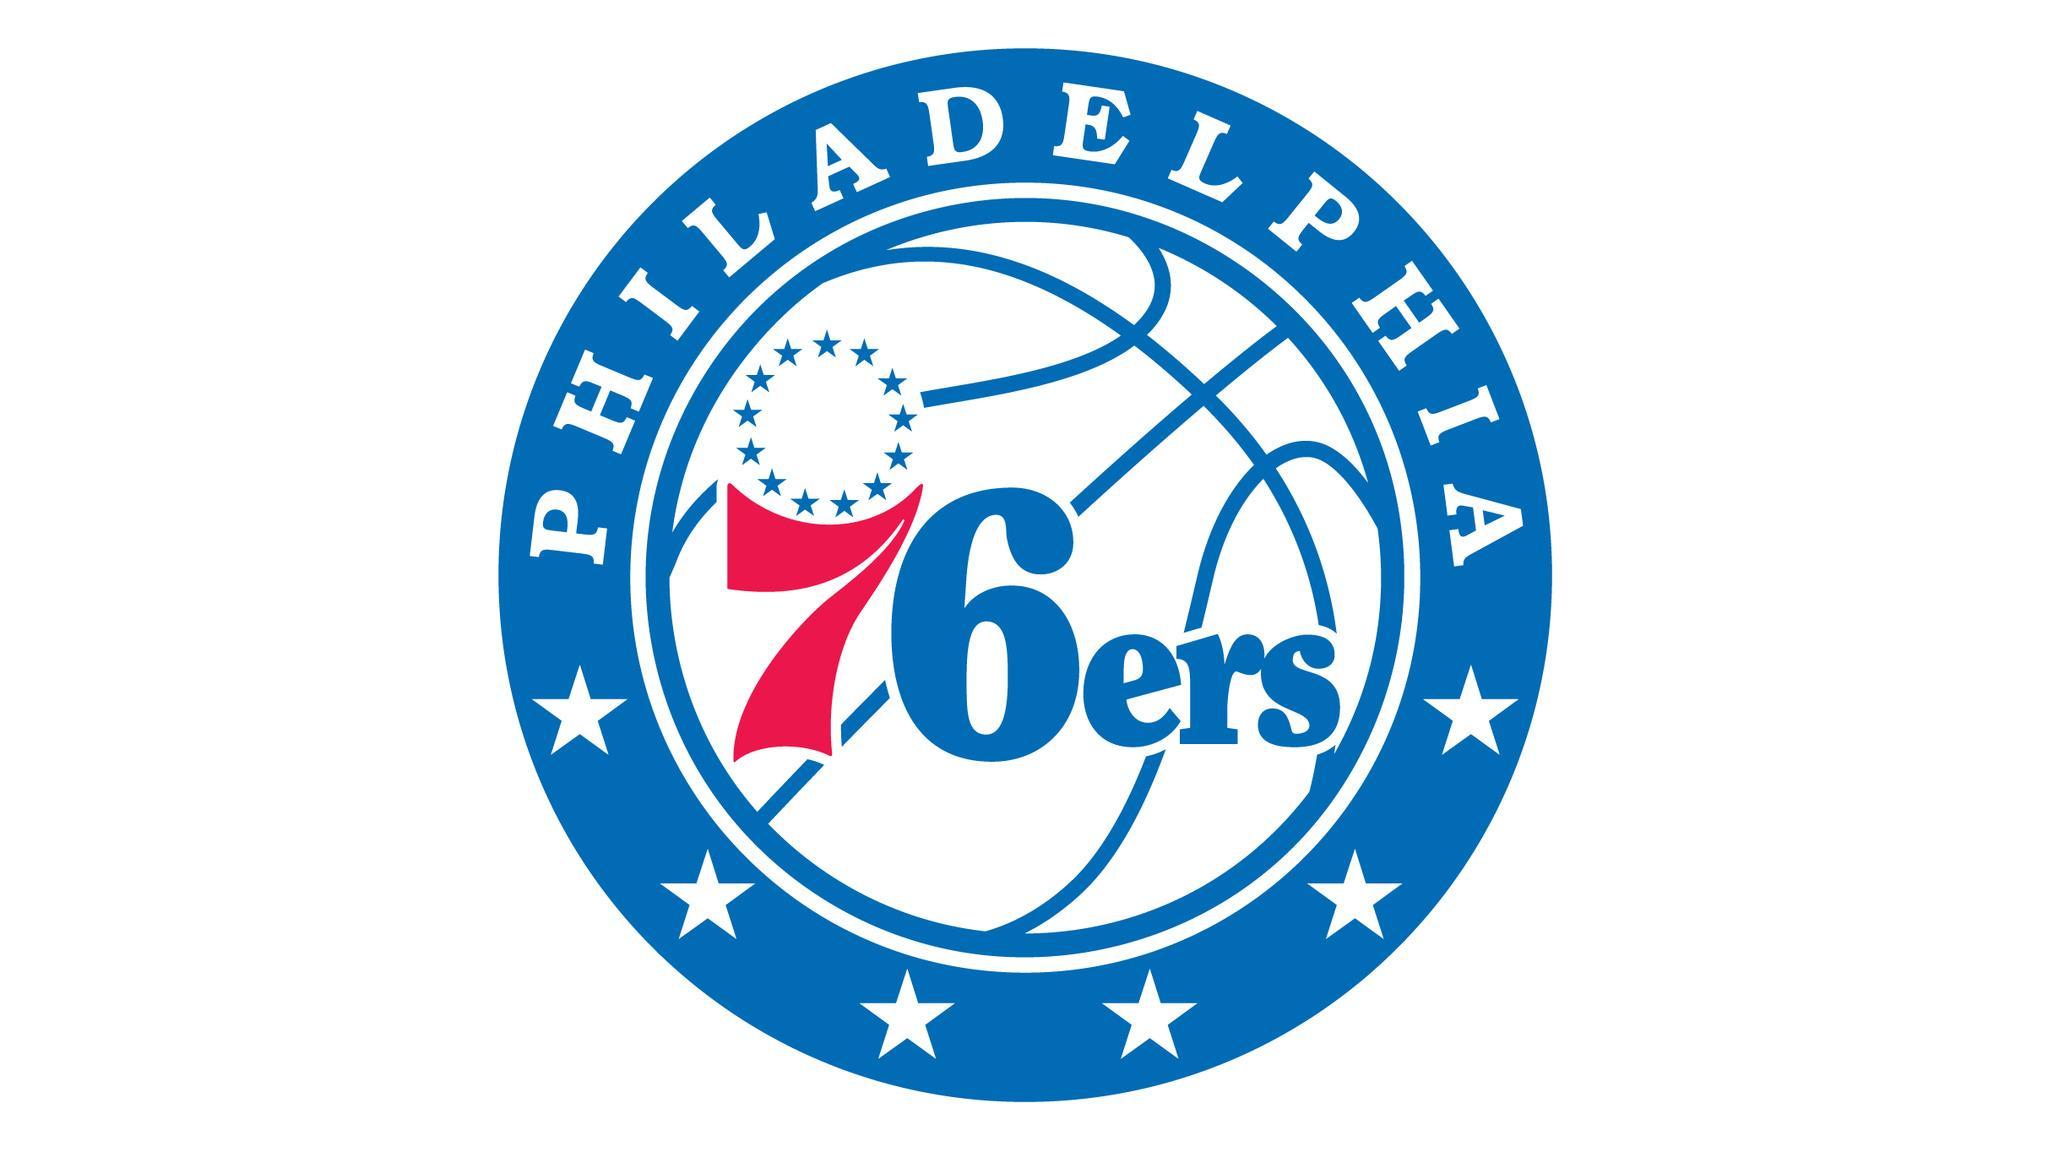 Philadelphia 76ers vs. Chicago Bulls